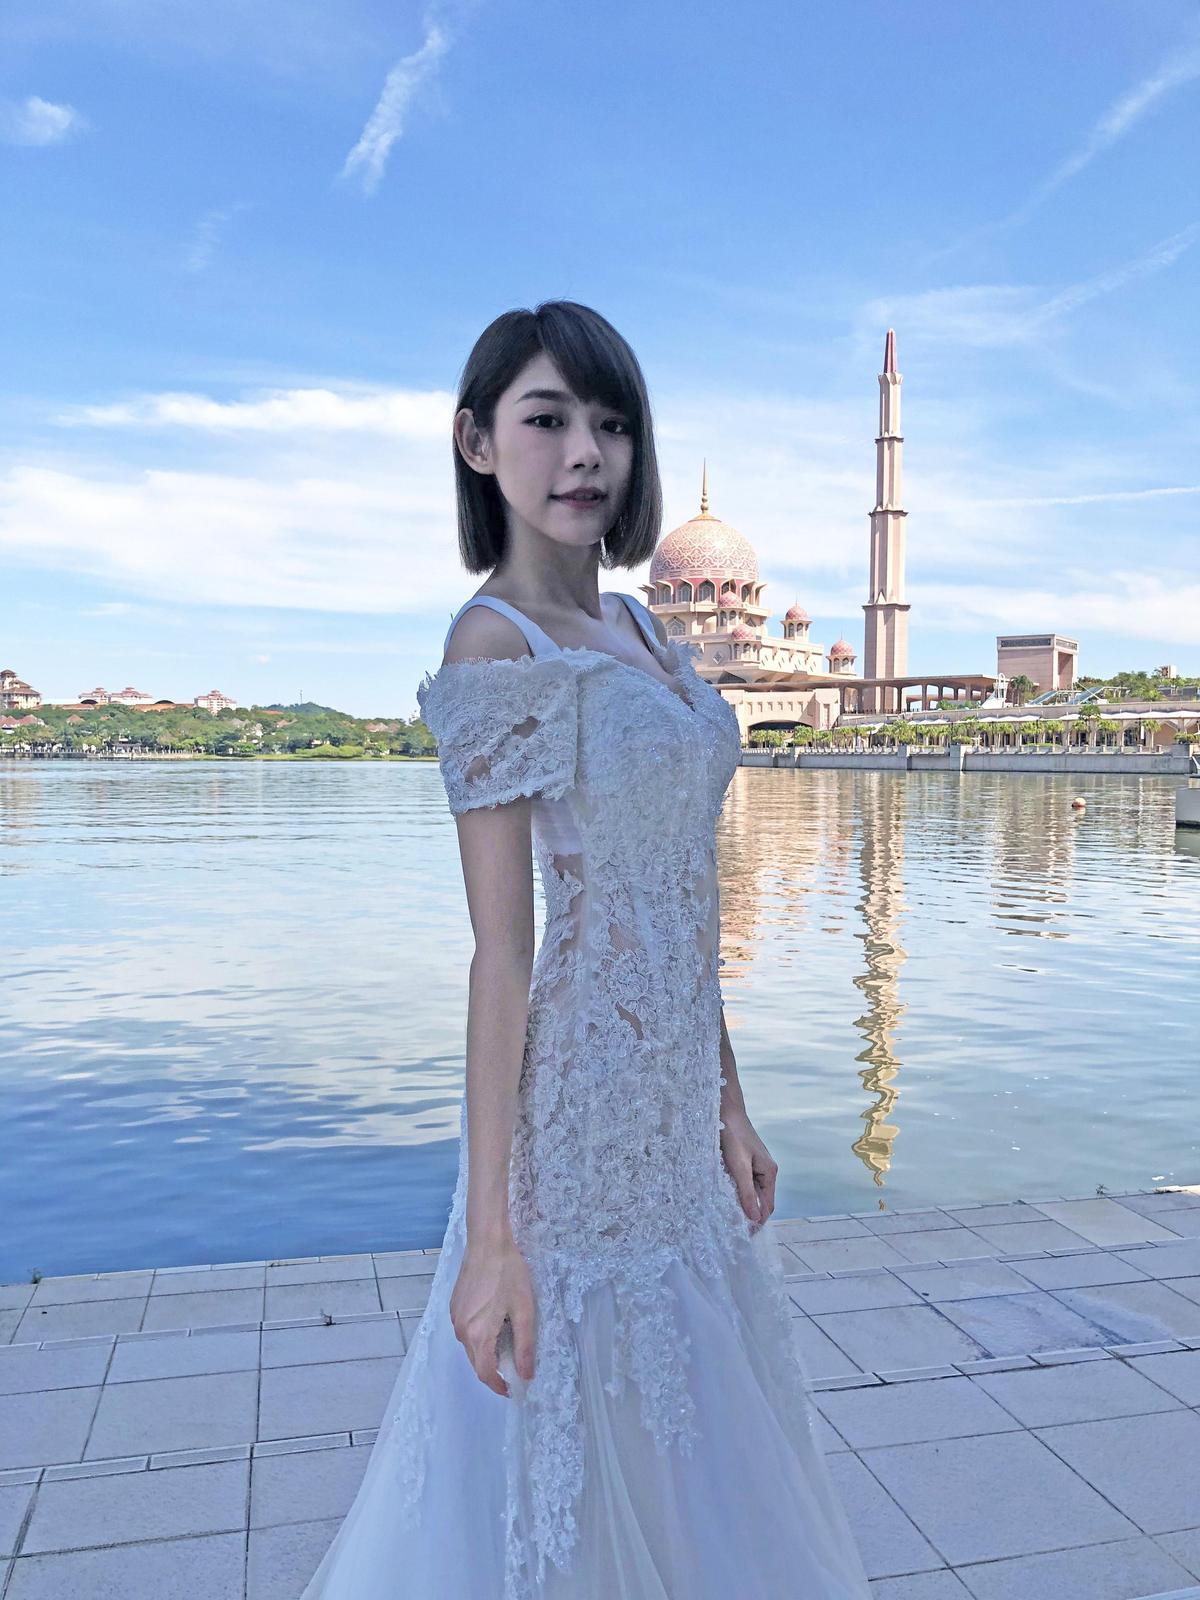 林明禎第一次到清真寺廣場拍攝,讓她非常雀躍。(種子音樂提供)